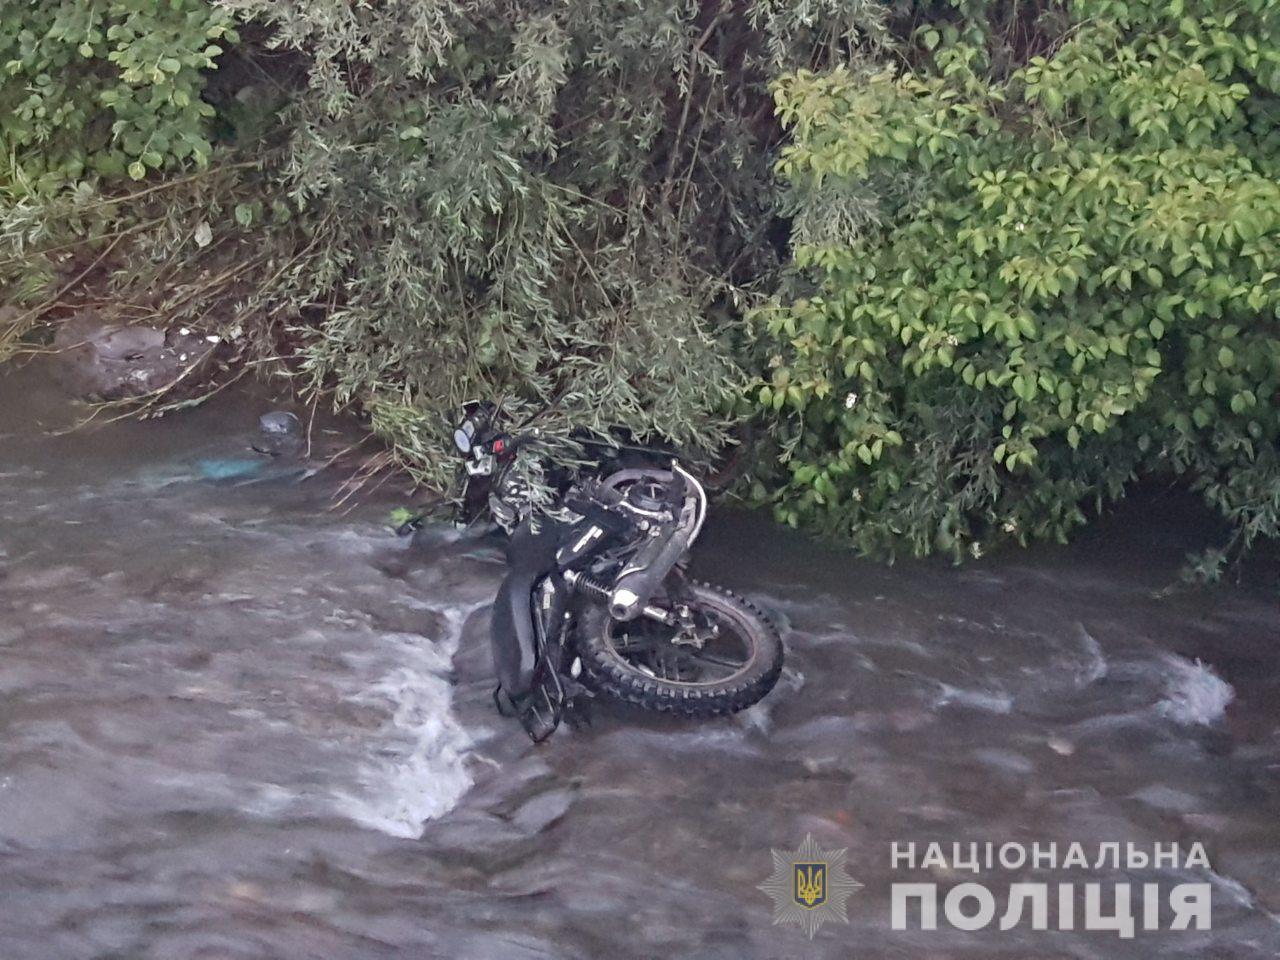 На Прикарпатті екстремальні розваги для п'яного мотоцикліста закінчилися лікарнею